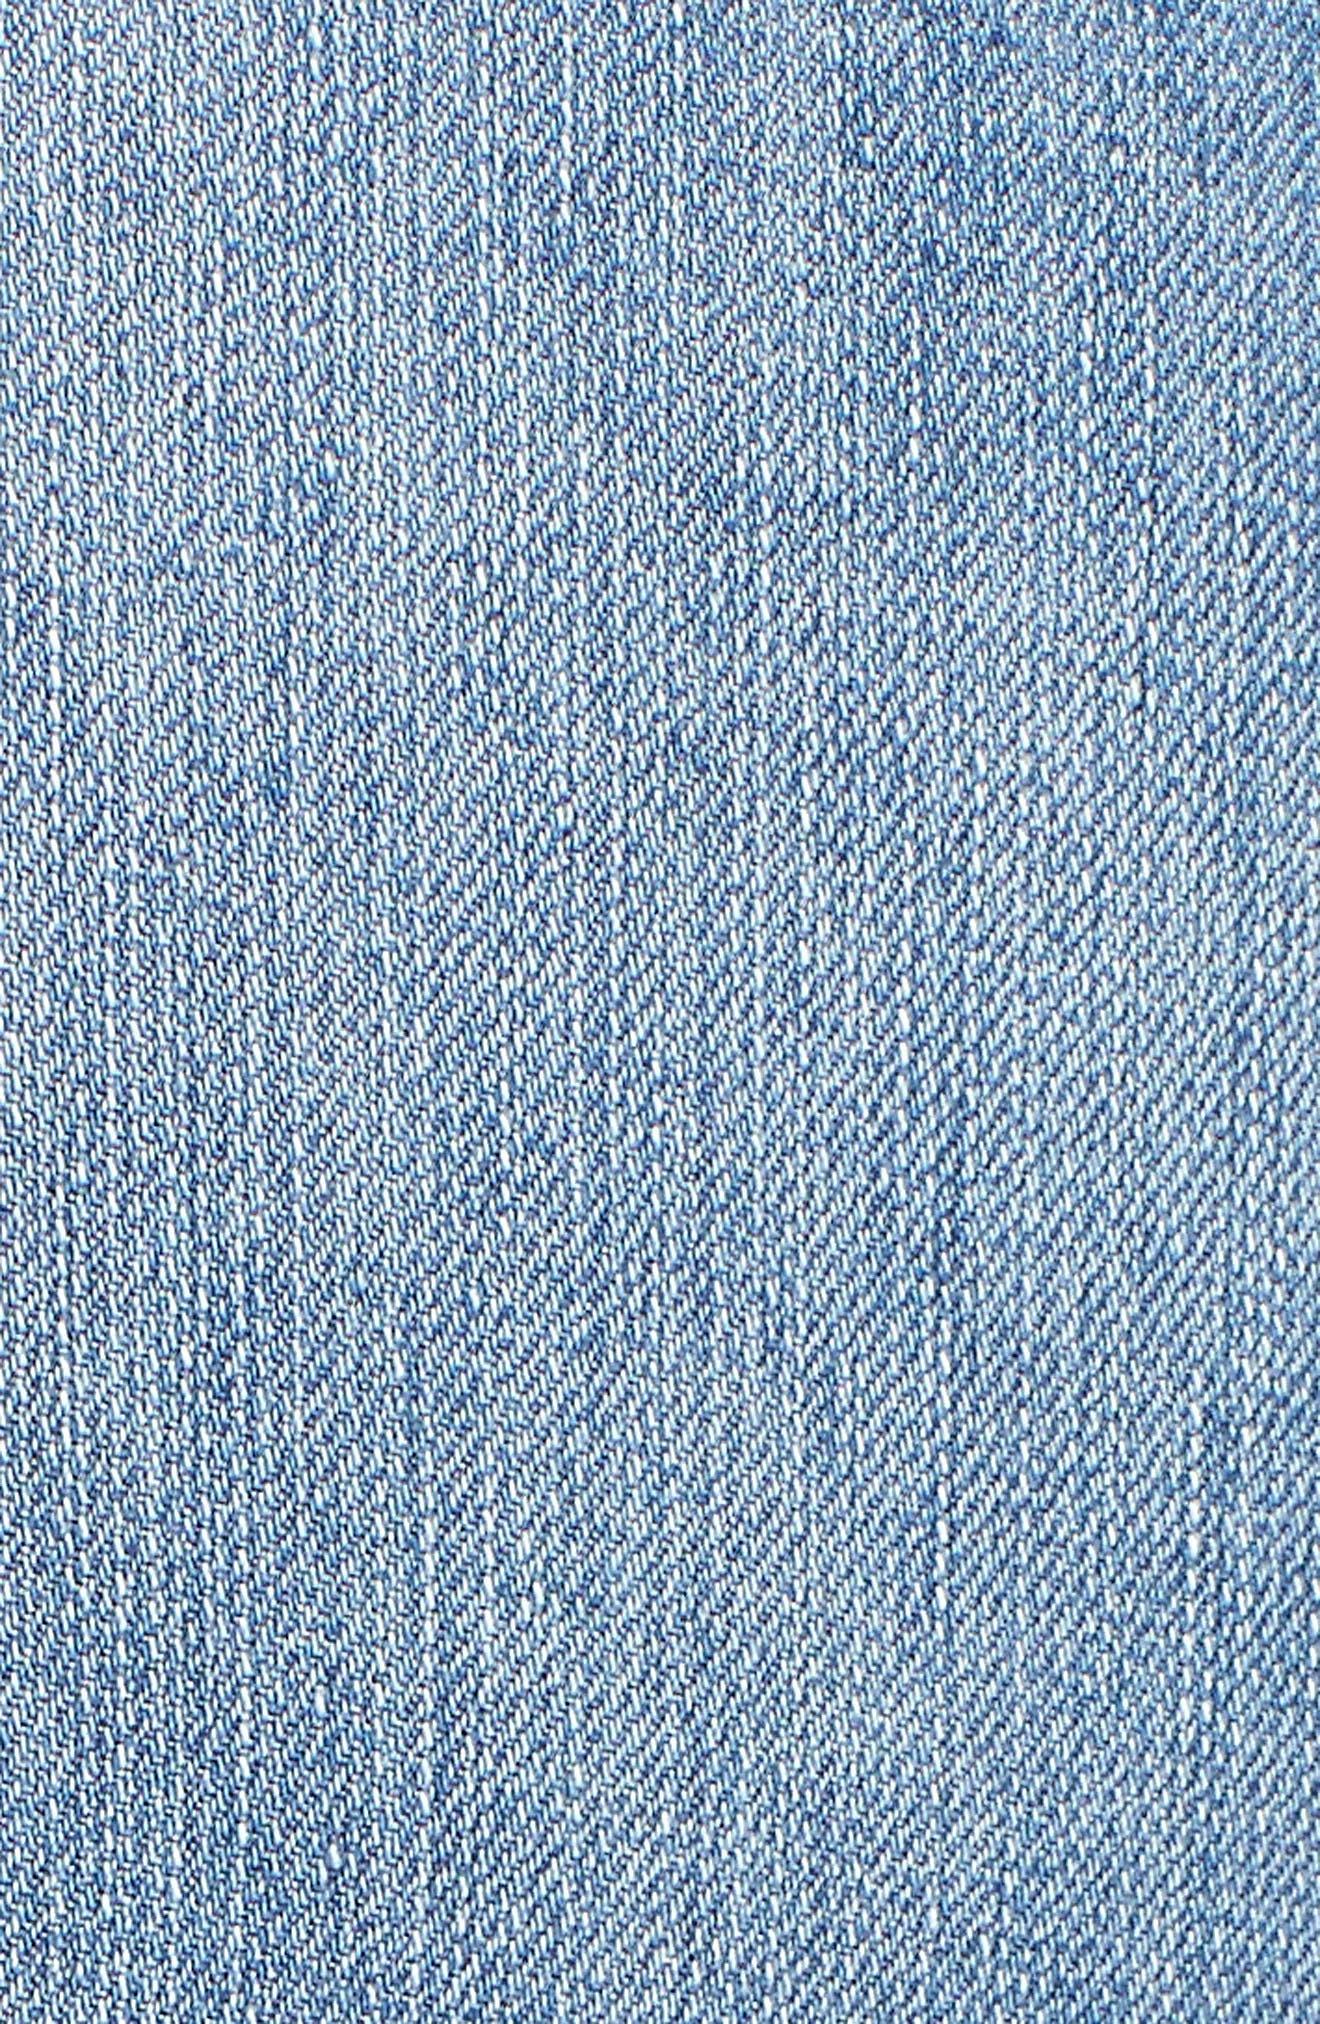 Good Legs Released Hem Skinny Jeans,                             Alternate thumbnail 11, color,                             Blue 023